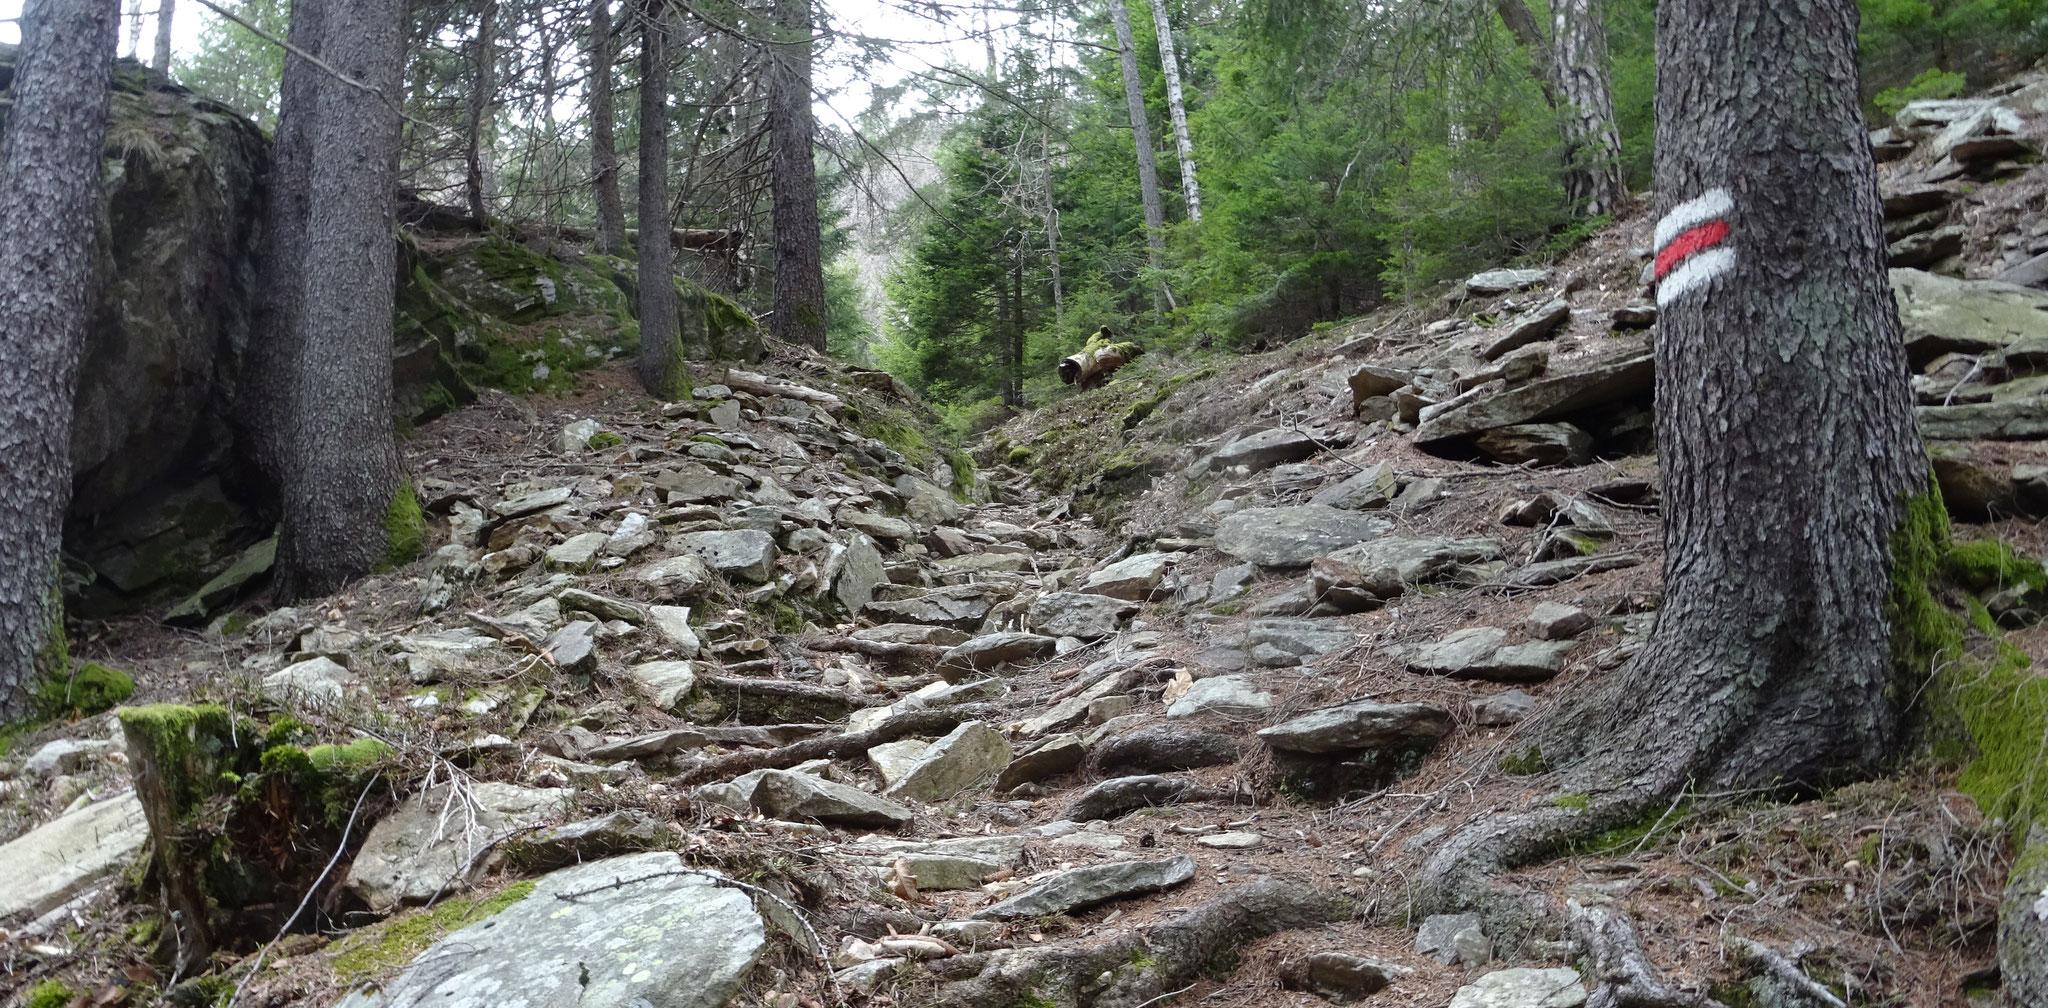 oft ein steiler und wilder Weg